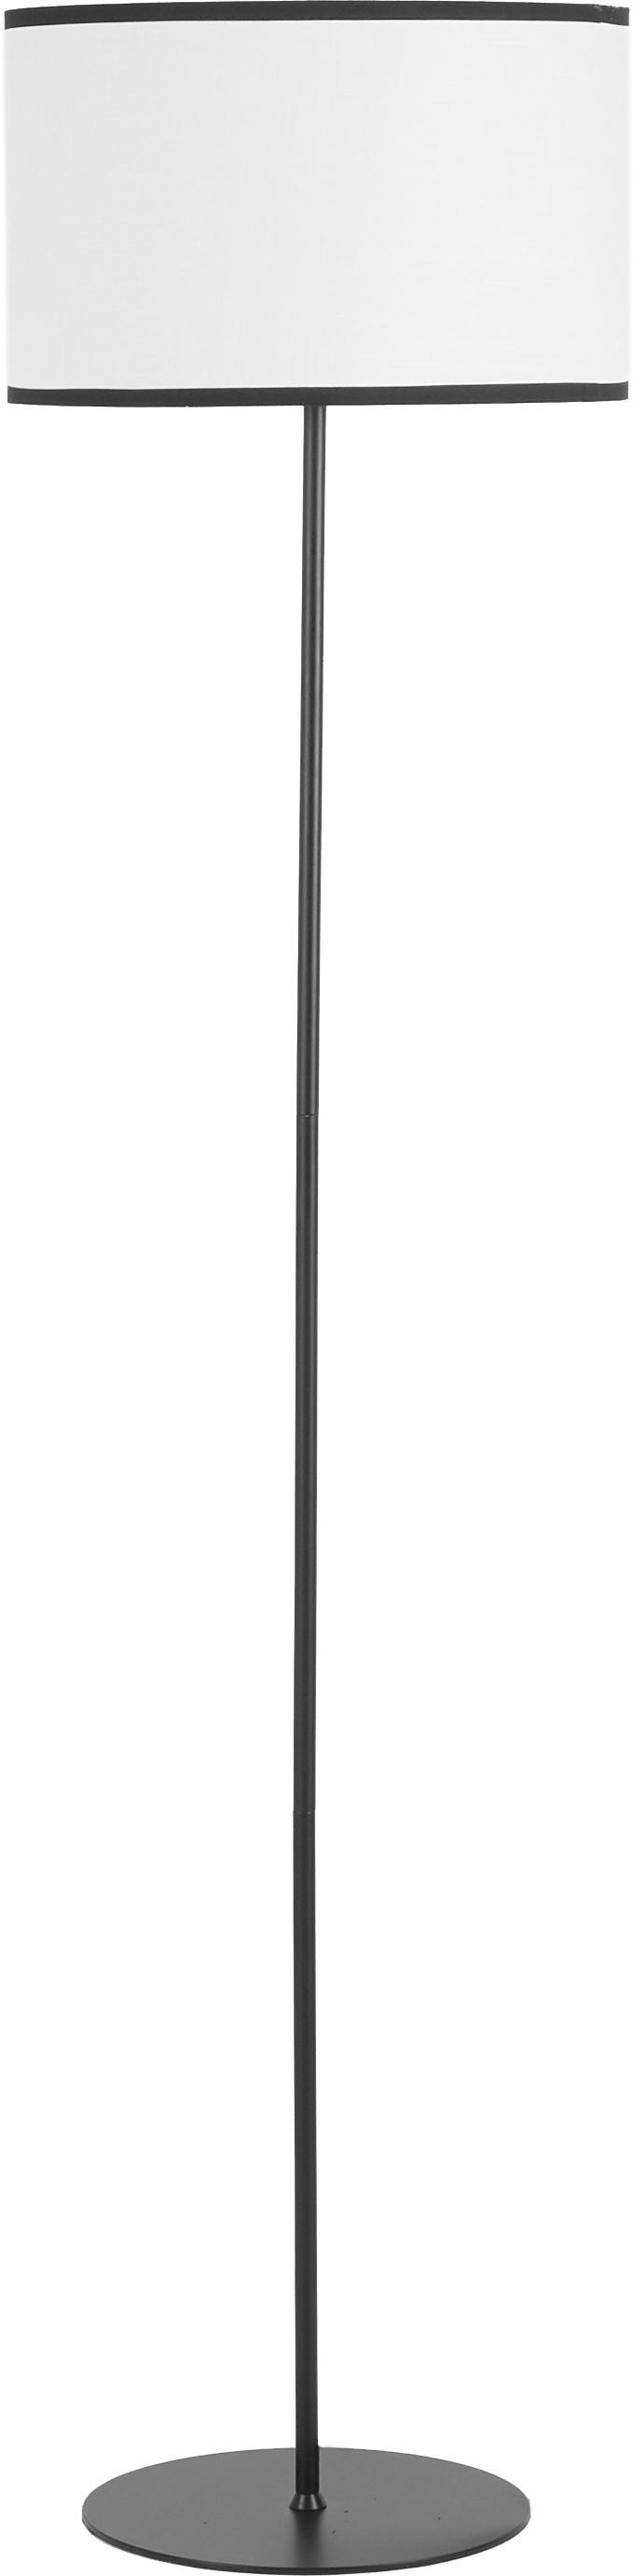 Lámpara de pie de lino Claudette, Pantalla: lino estructurado, Anclaje: metal con pintura en polv, Crema, negro, Ø 40 x Al 165 cm